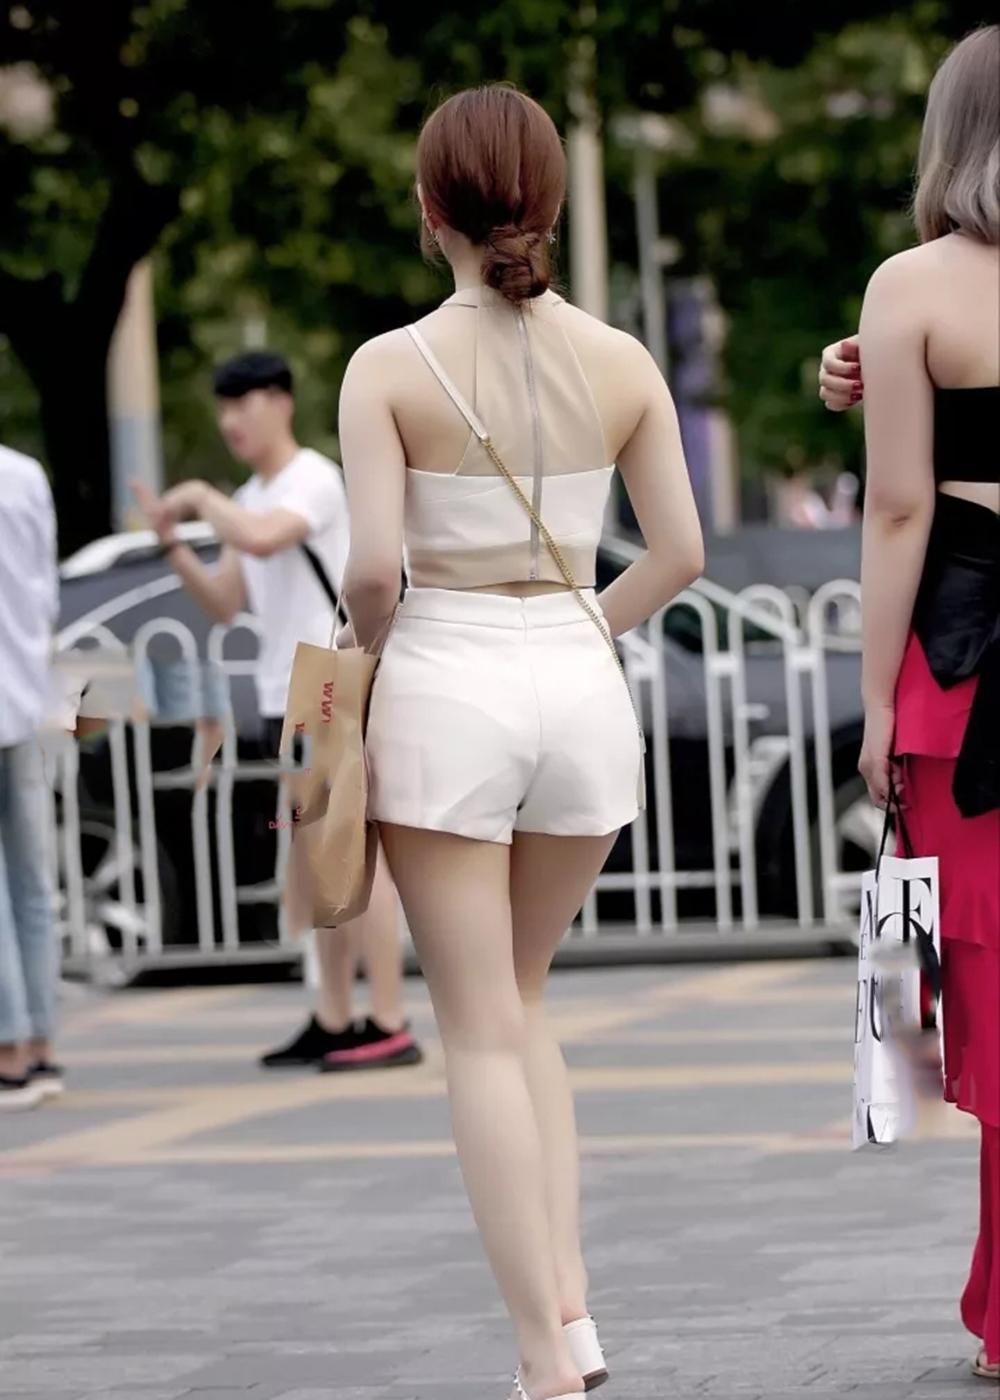 哪里看性感美女_街拍:身材窈窕,穿搭性感的美女,背影看上去很撩人